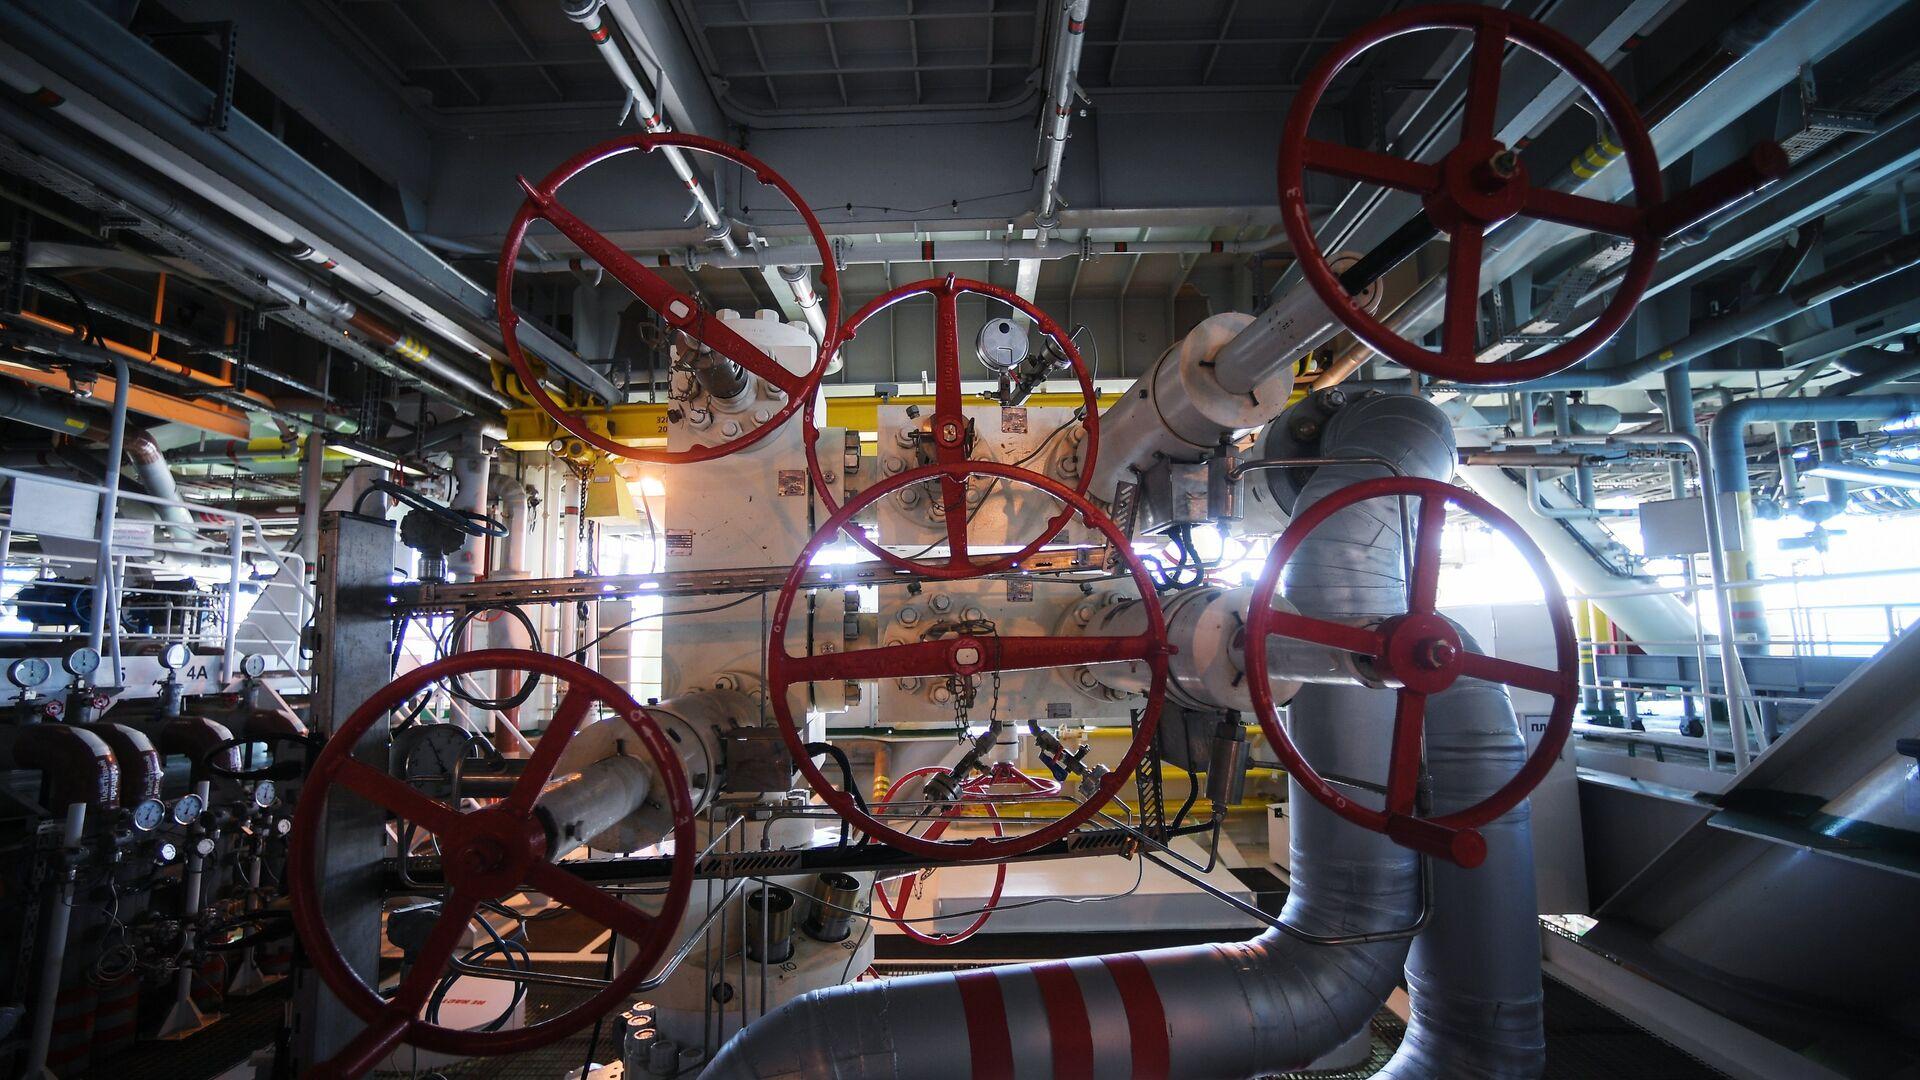 La maquinaria de una plataforma rusa instalada en un yacimiento de petróleo y gas - Sputnik Mundo, 1920, 06.10.2021